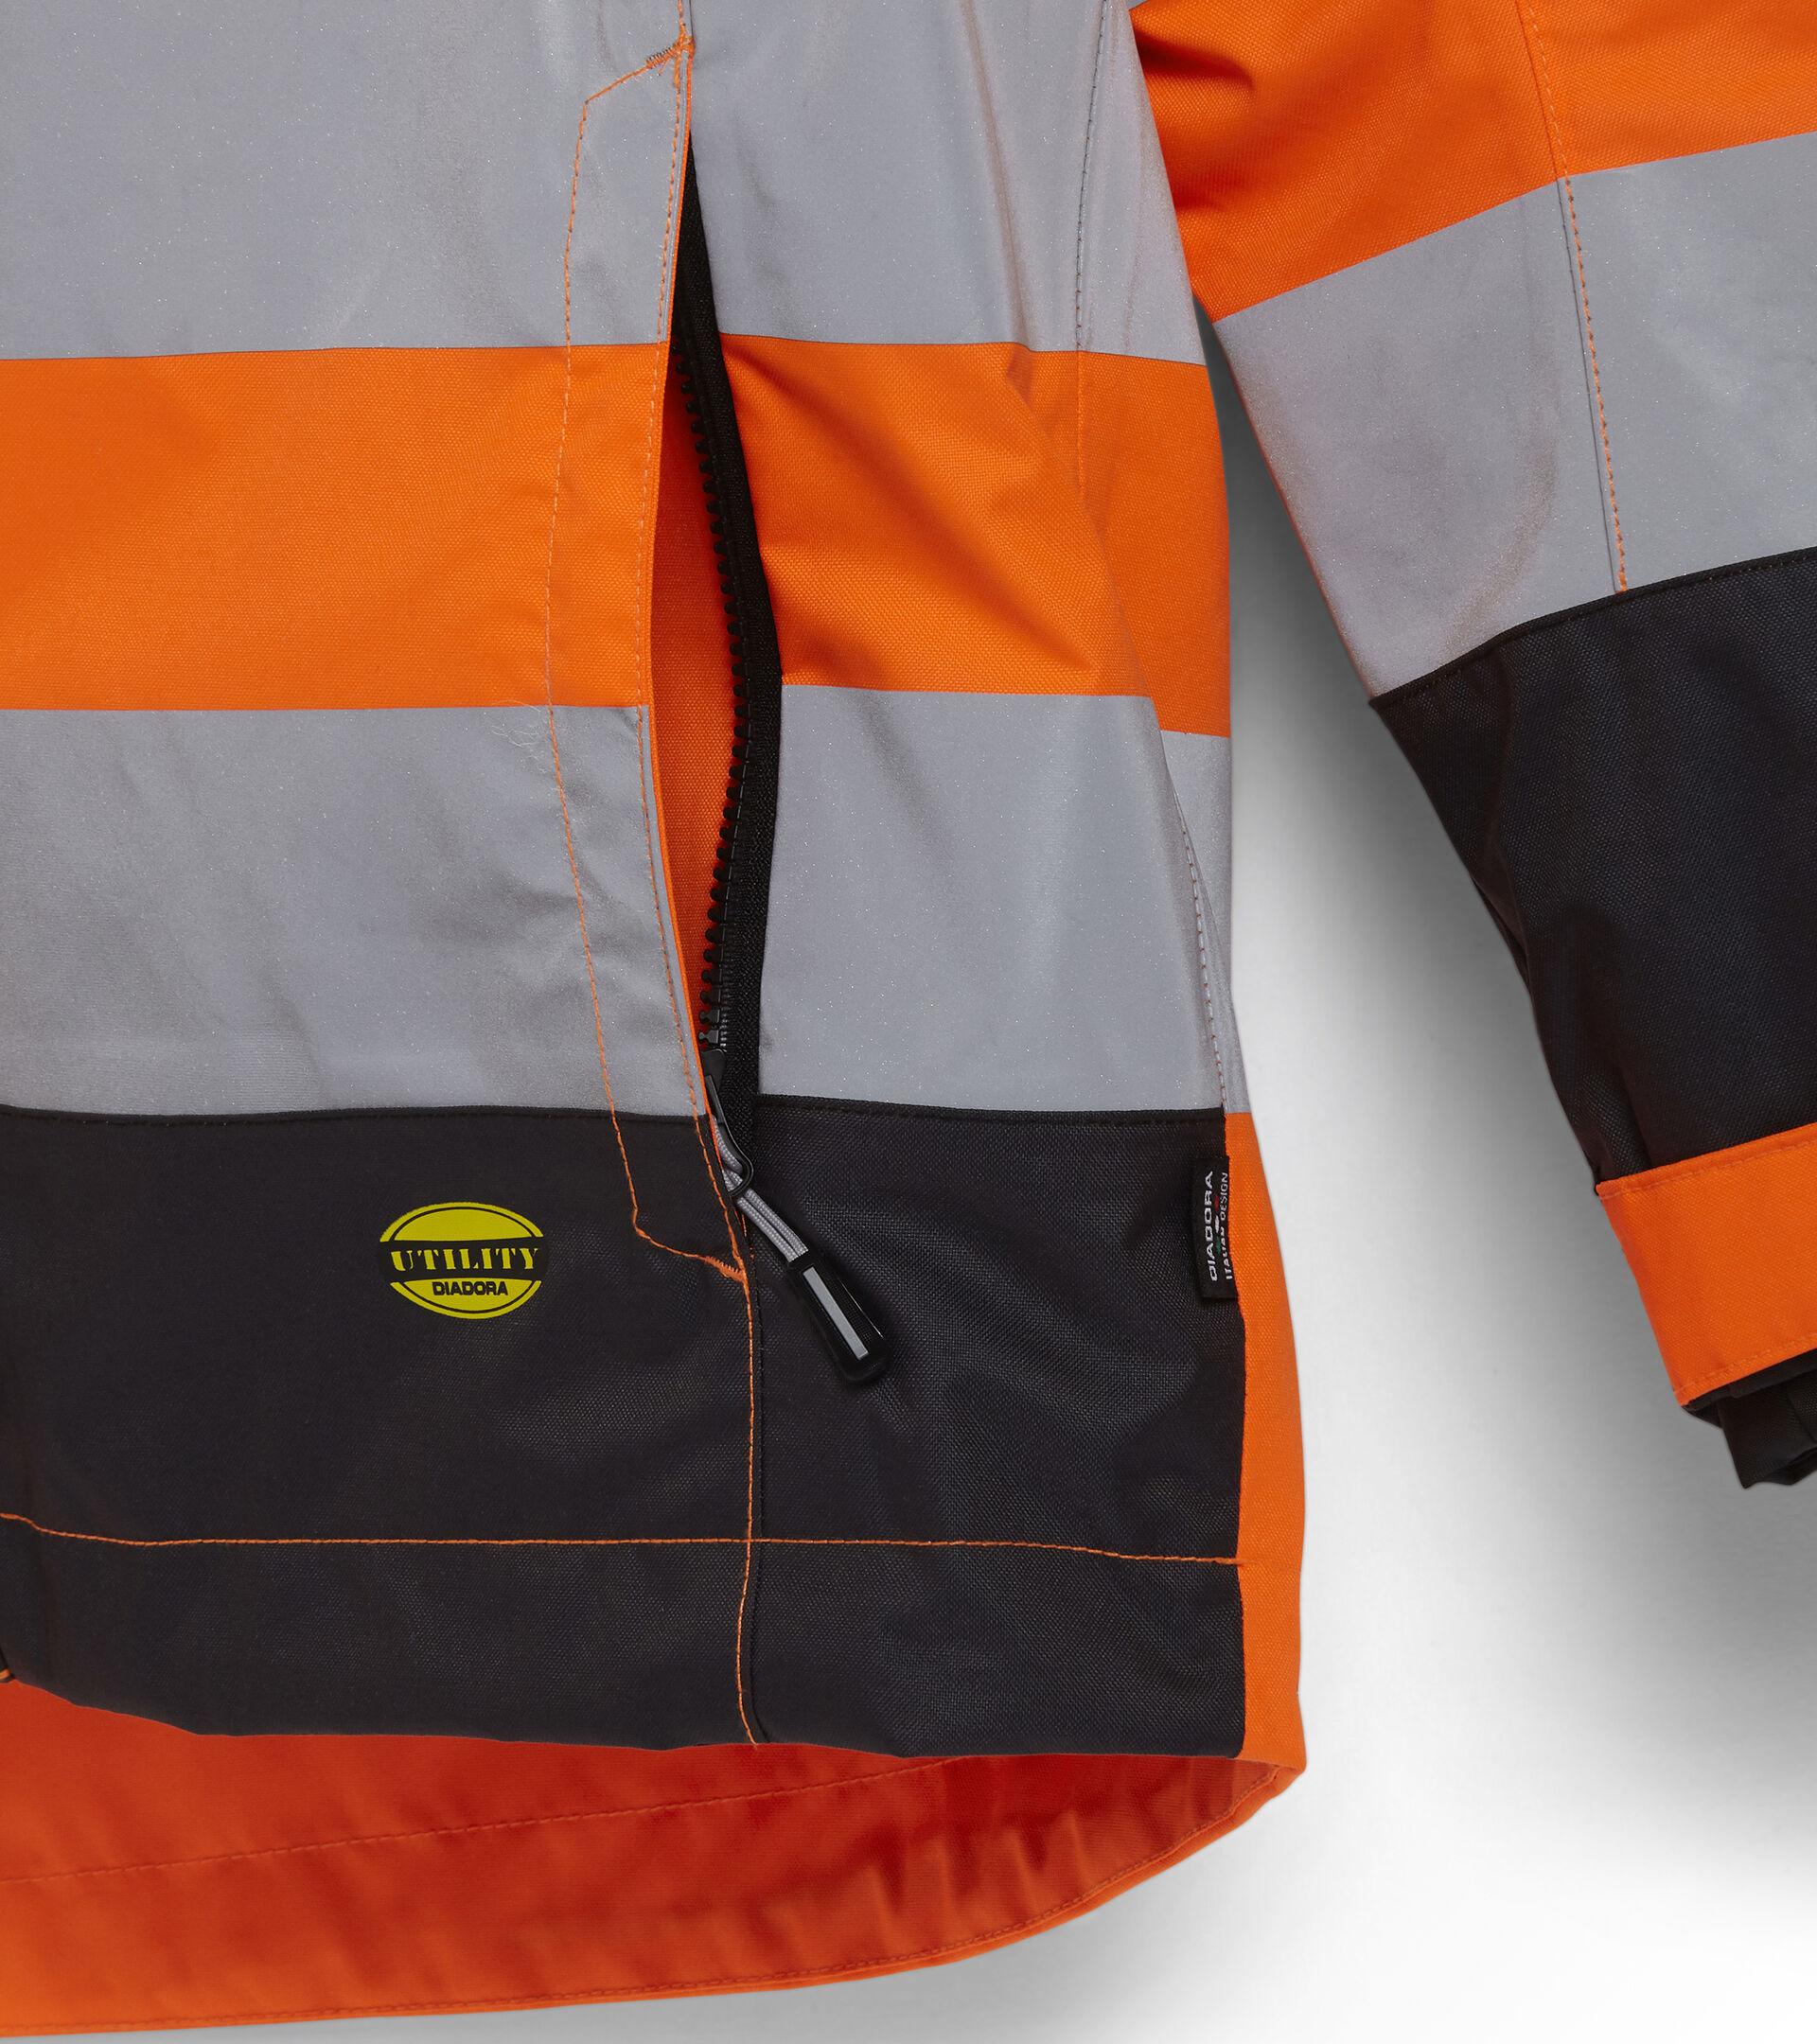 Apparel Utility UOMO HV JACKET ISO 20471 FLUORESCENT ORANGE ISO20471 Utility